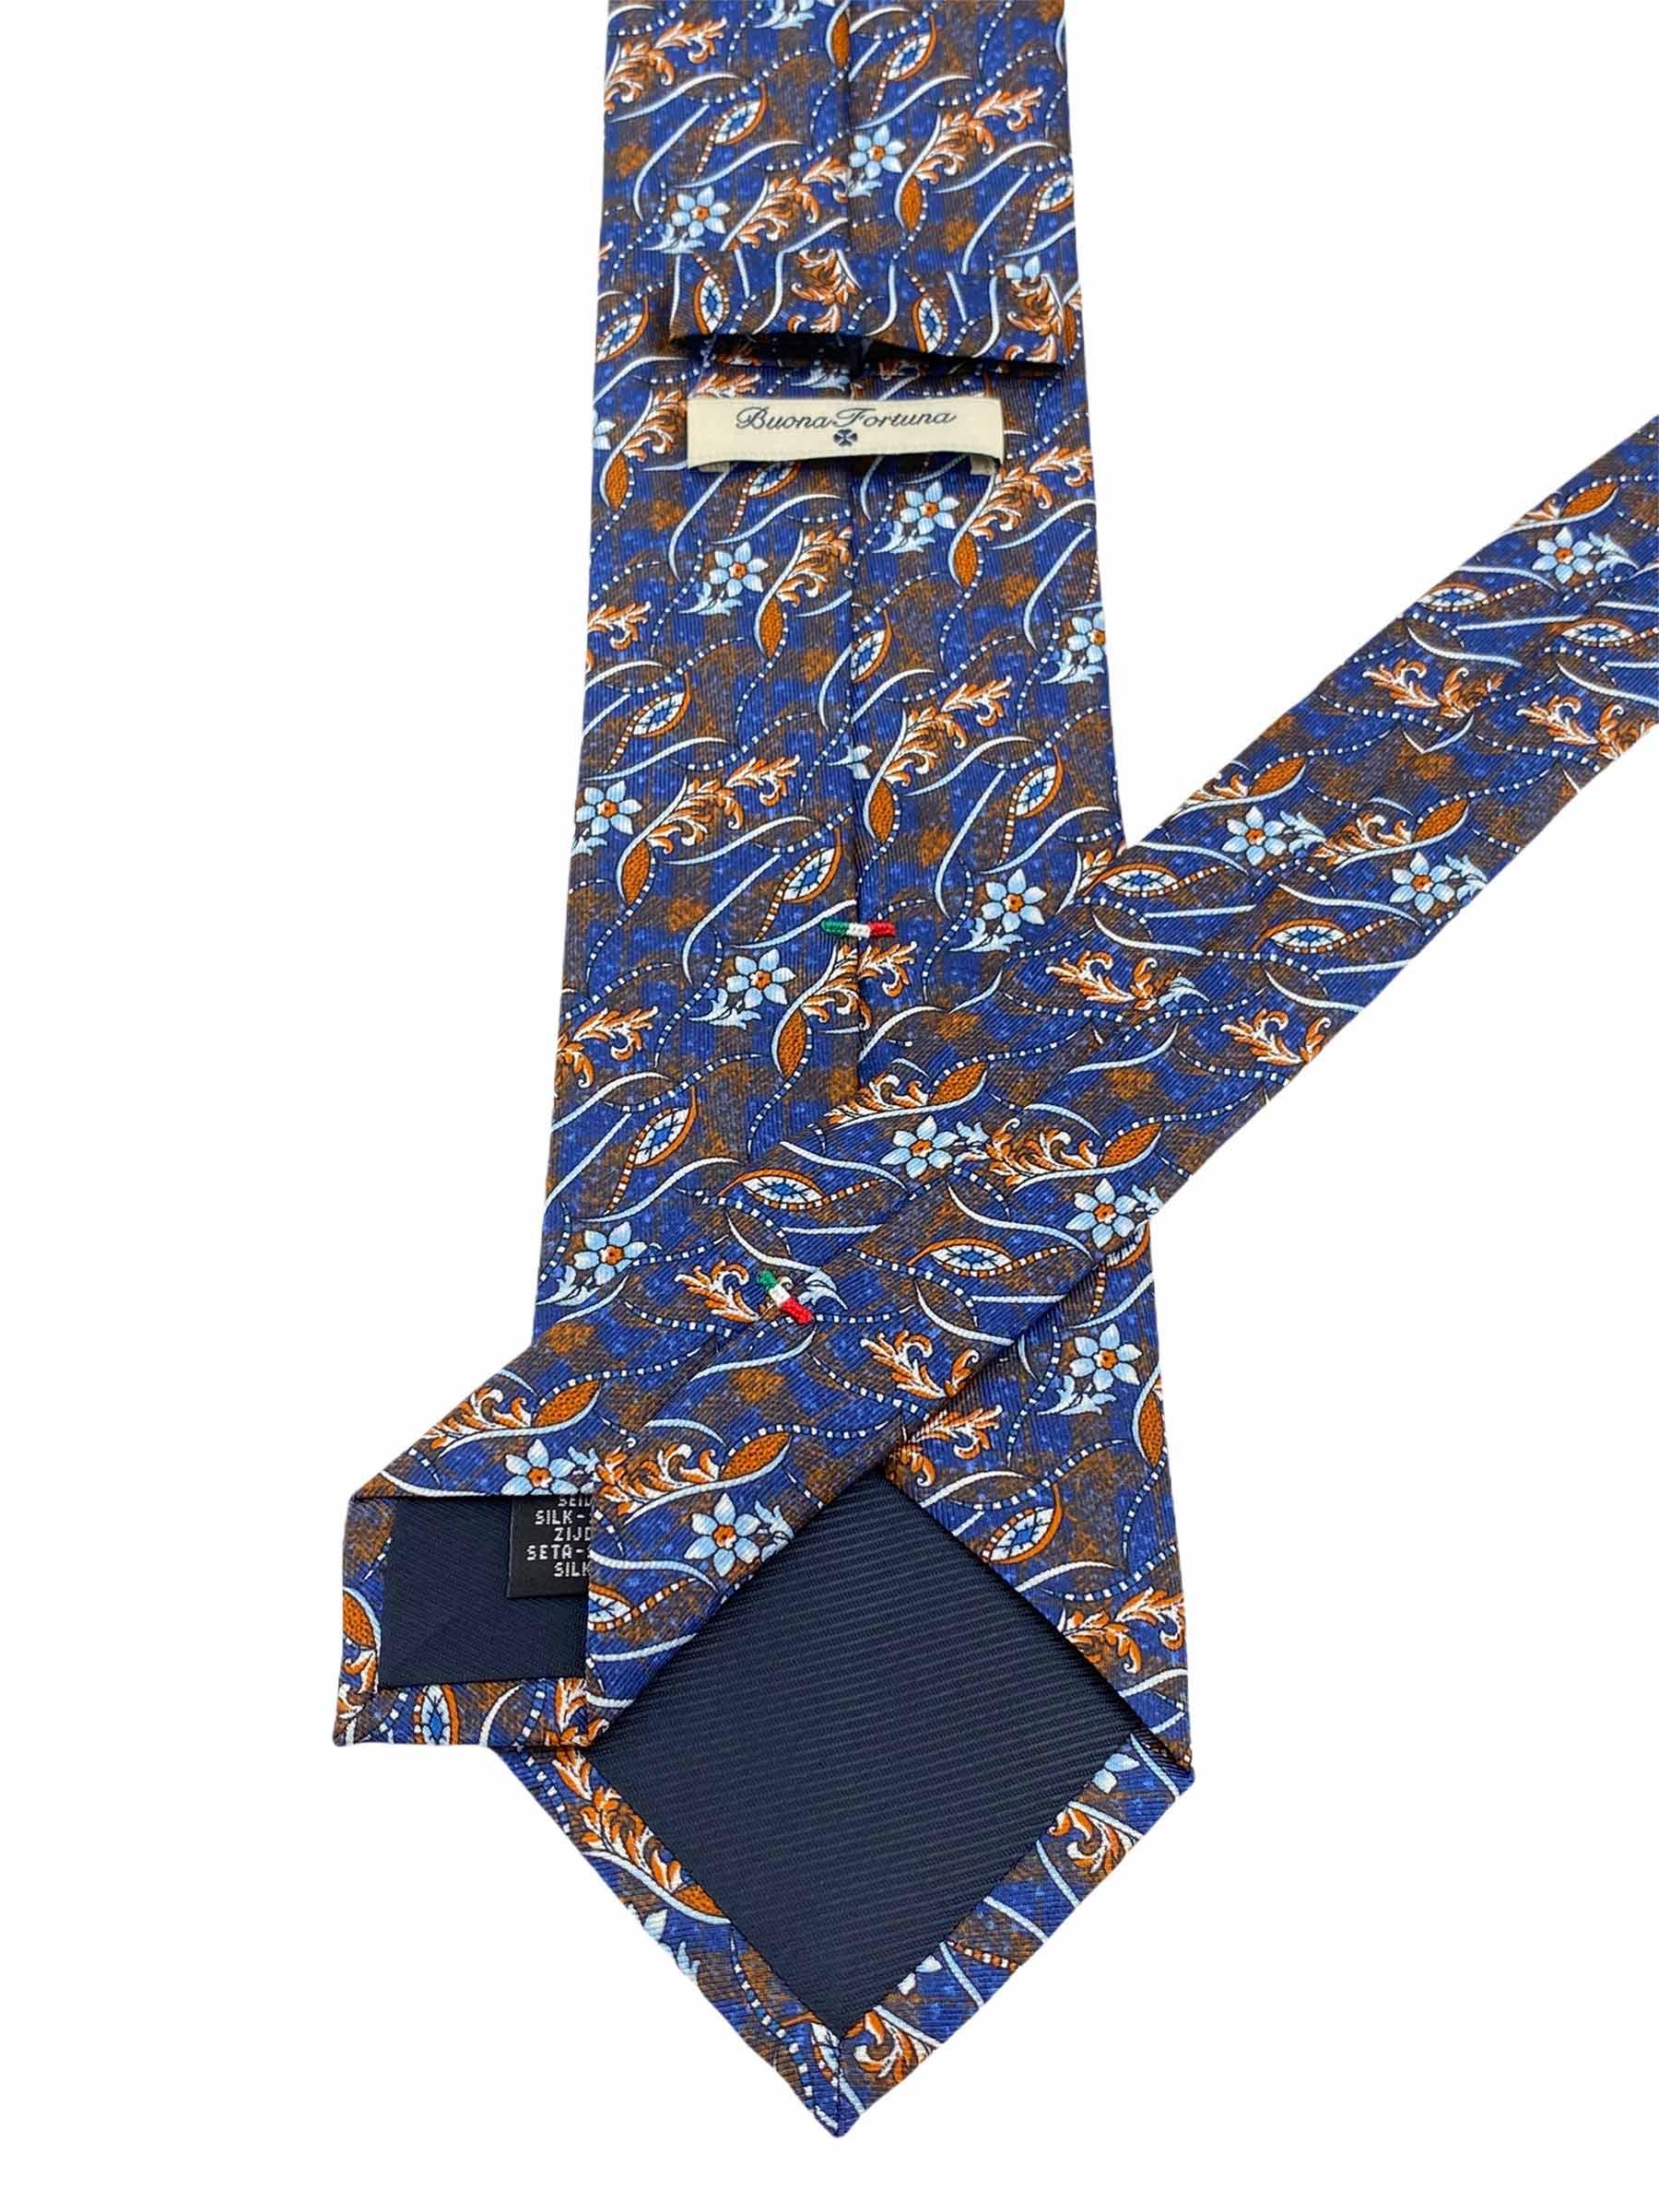 corbata tejida twill buona fortuna comprar online corbatas italianas exclusivas shop estampada